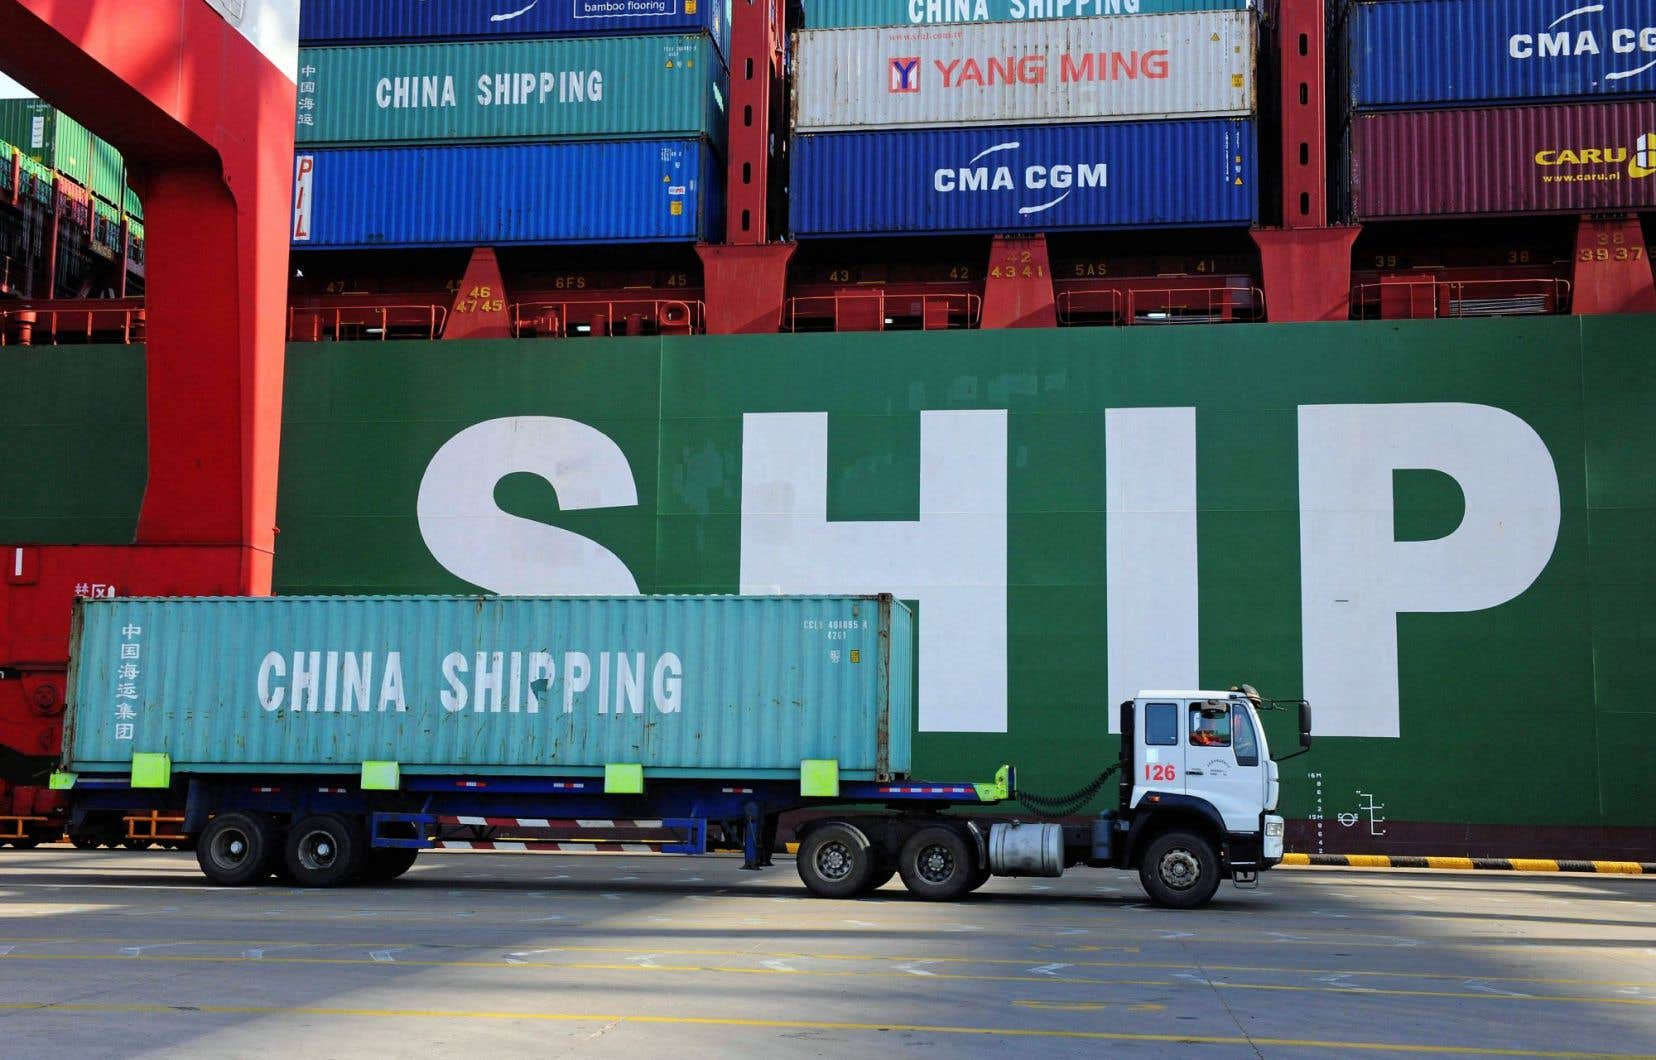 La forte dépréciation du yuan peine à renforcer la compétitivité des exportateurs chinois, mise à mal par le renchérissement des coûts du travail dans le pays.